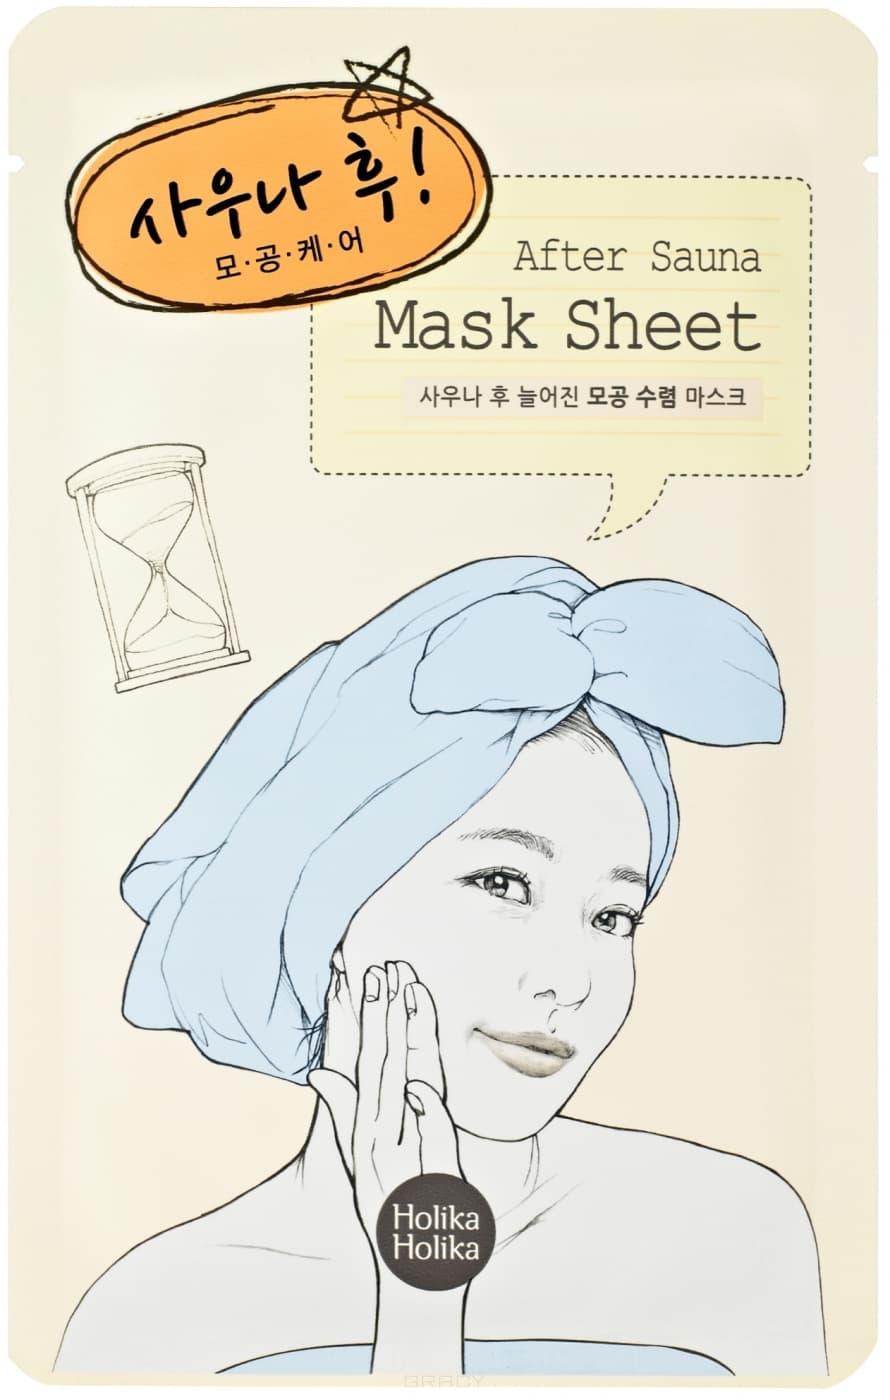 Holika Holika, Маска тканевая для лица После сауны After Mask Sheet-After Sauna, 16 млМаски для лица<br><br>